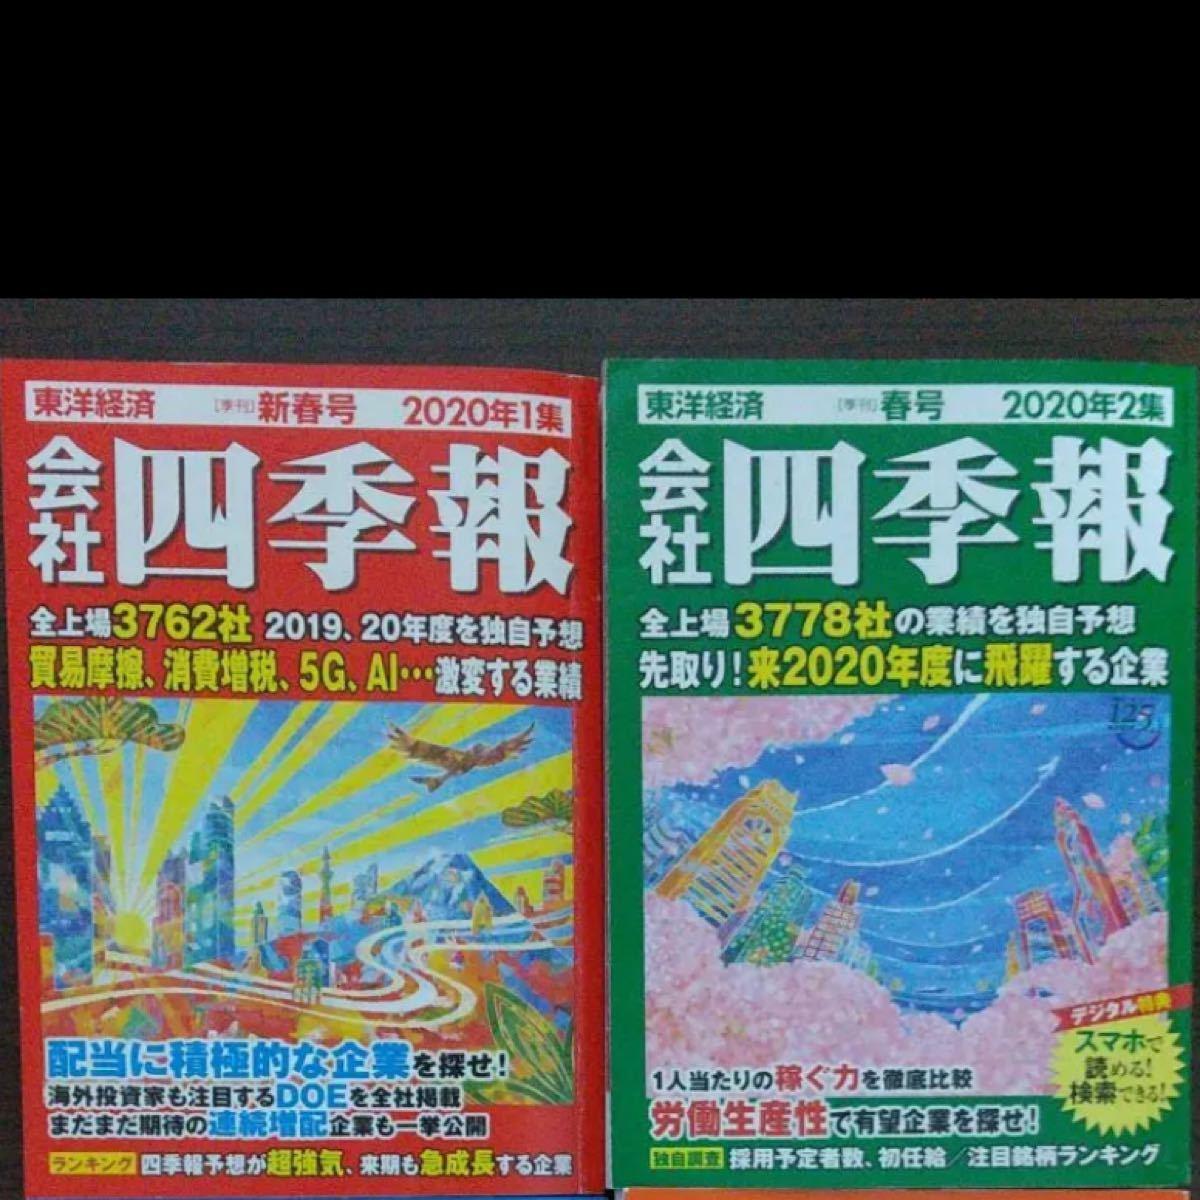 会社四季報 東洋経済